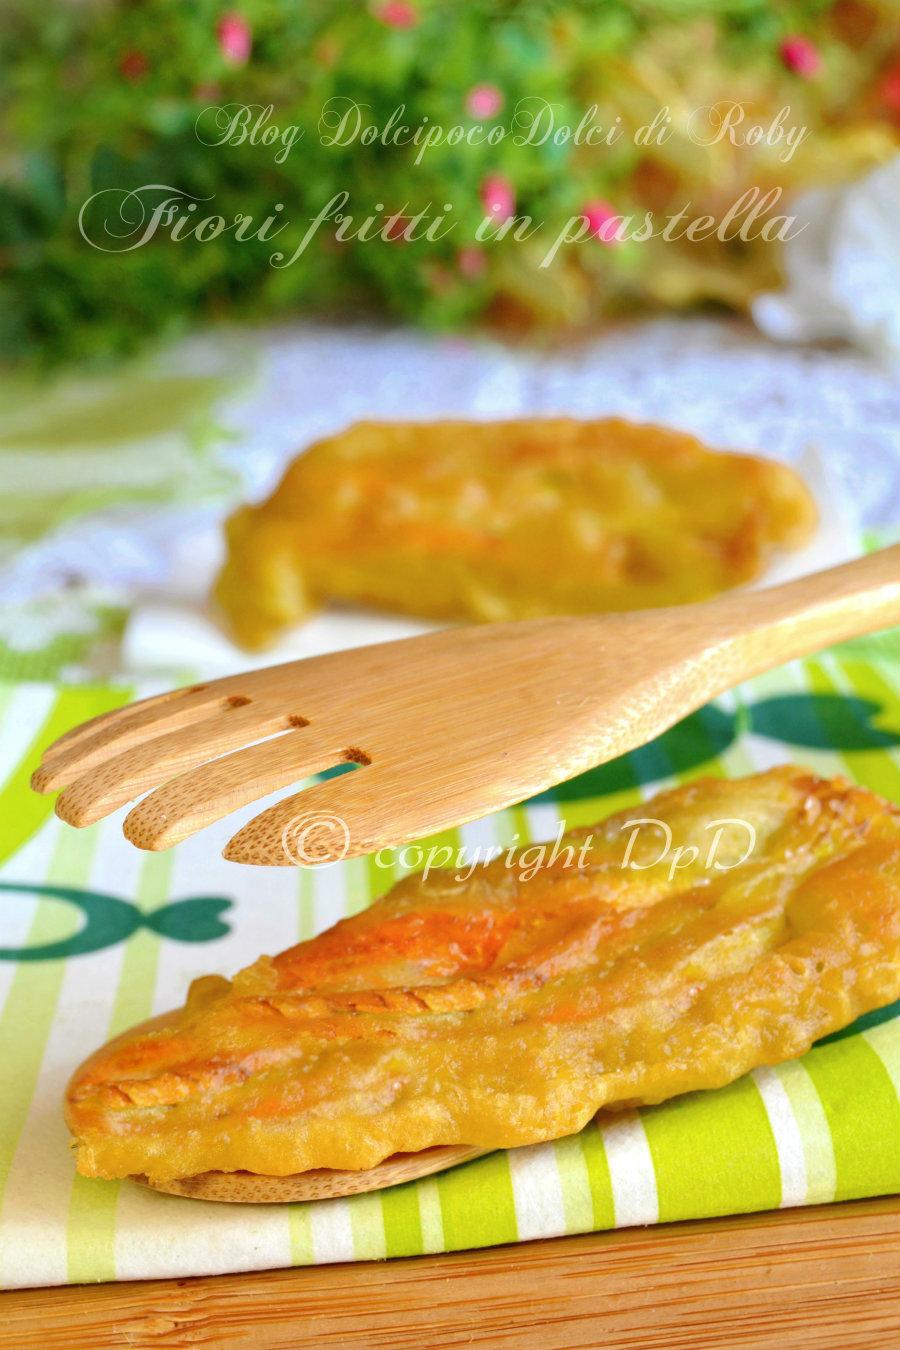 Fiori fritti in pastella